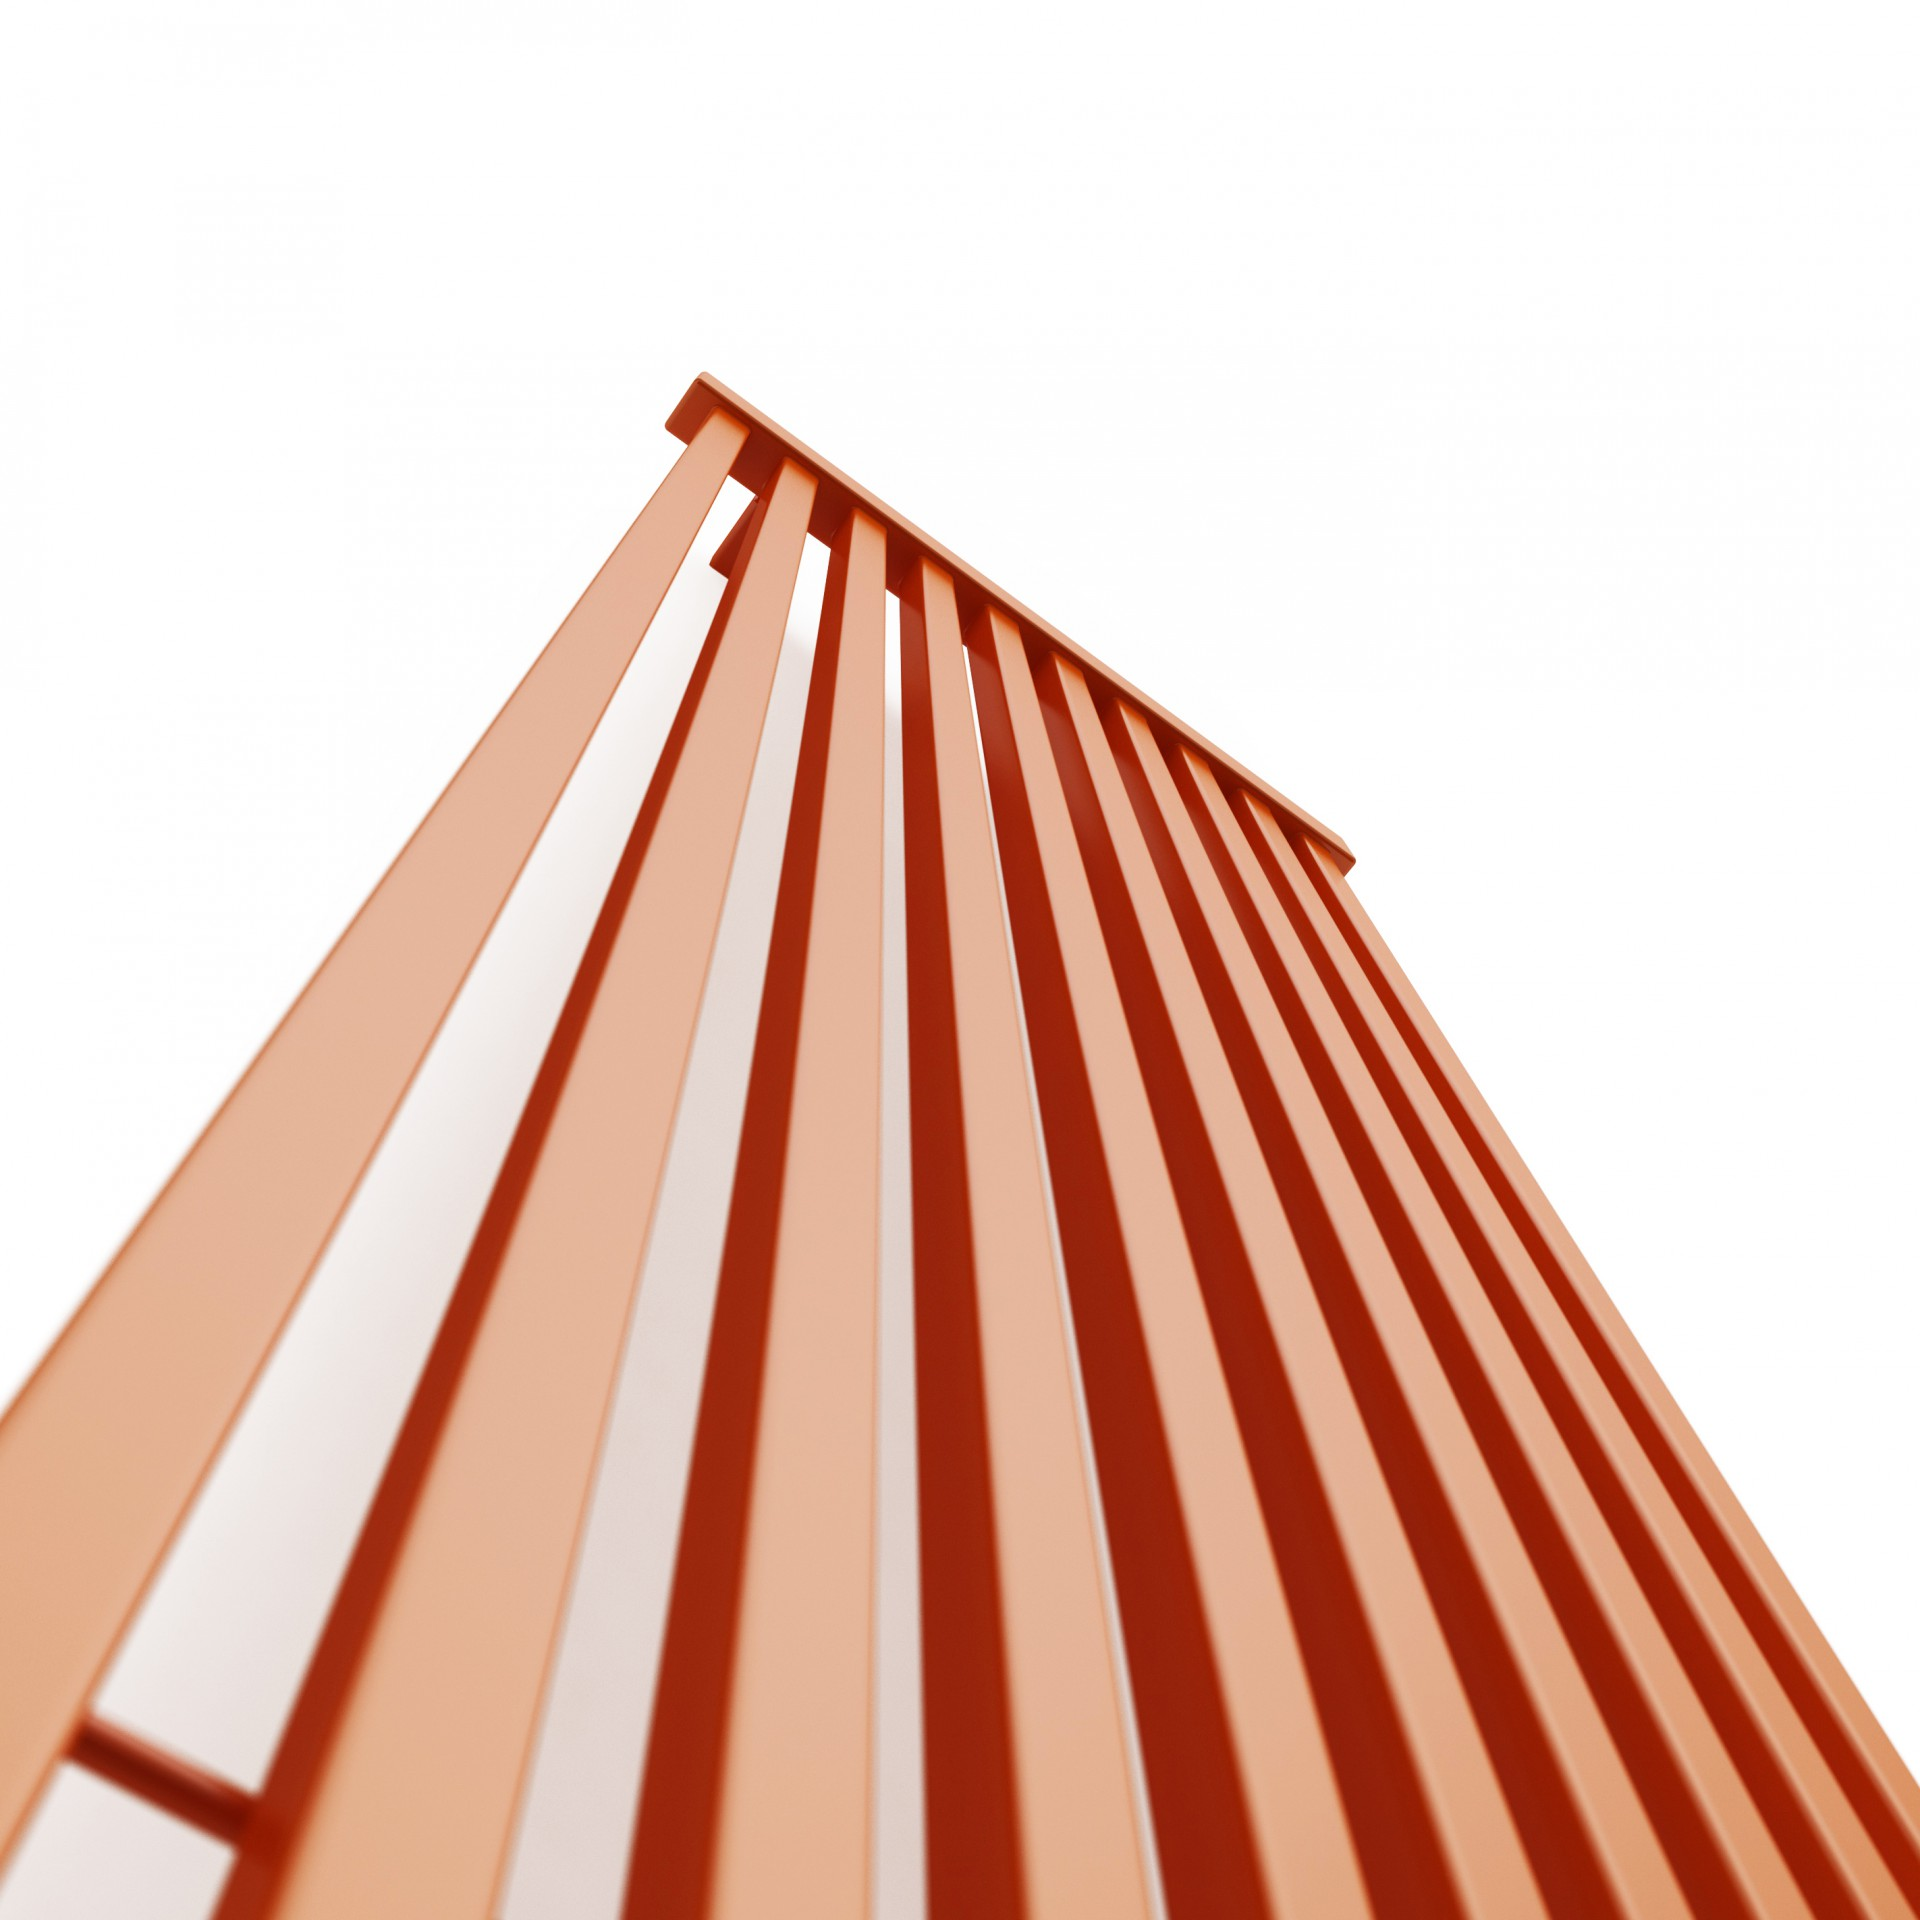 Colour: RAL 2008 (208)